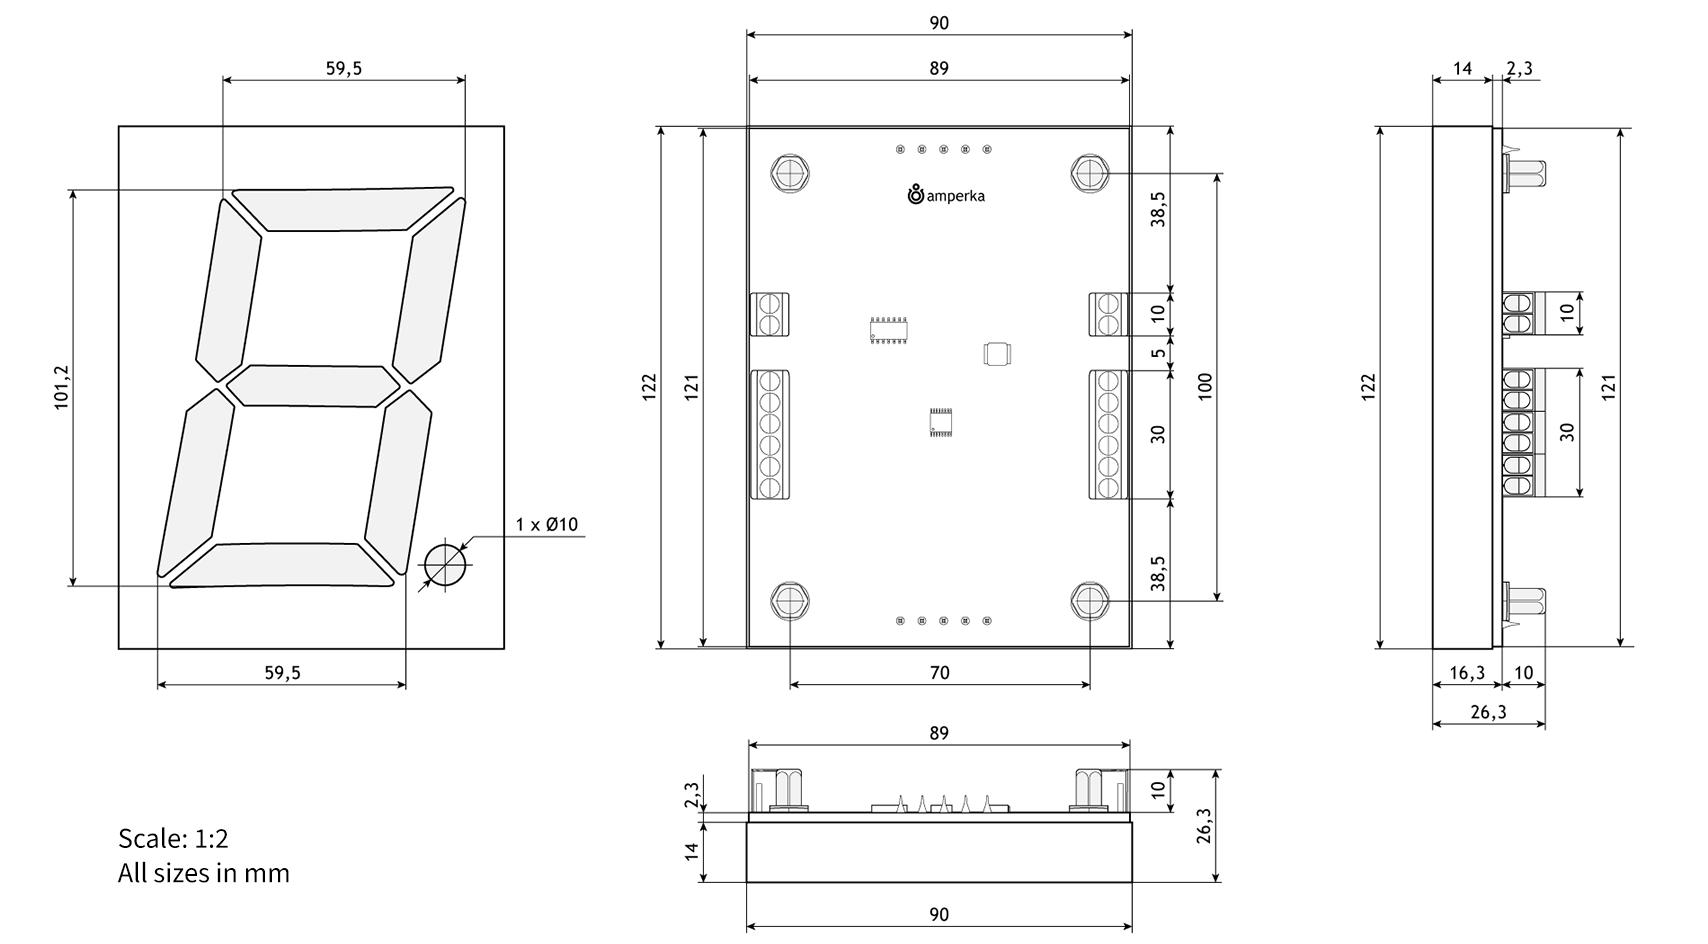 segm8 dimensions